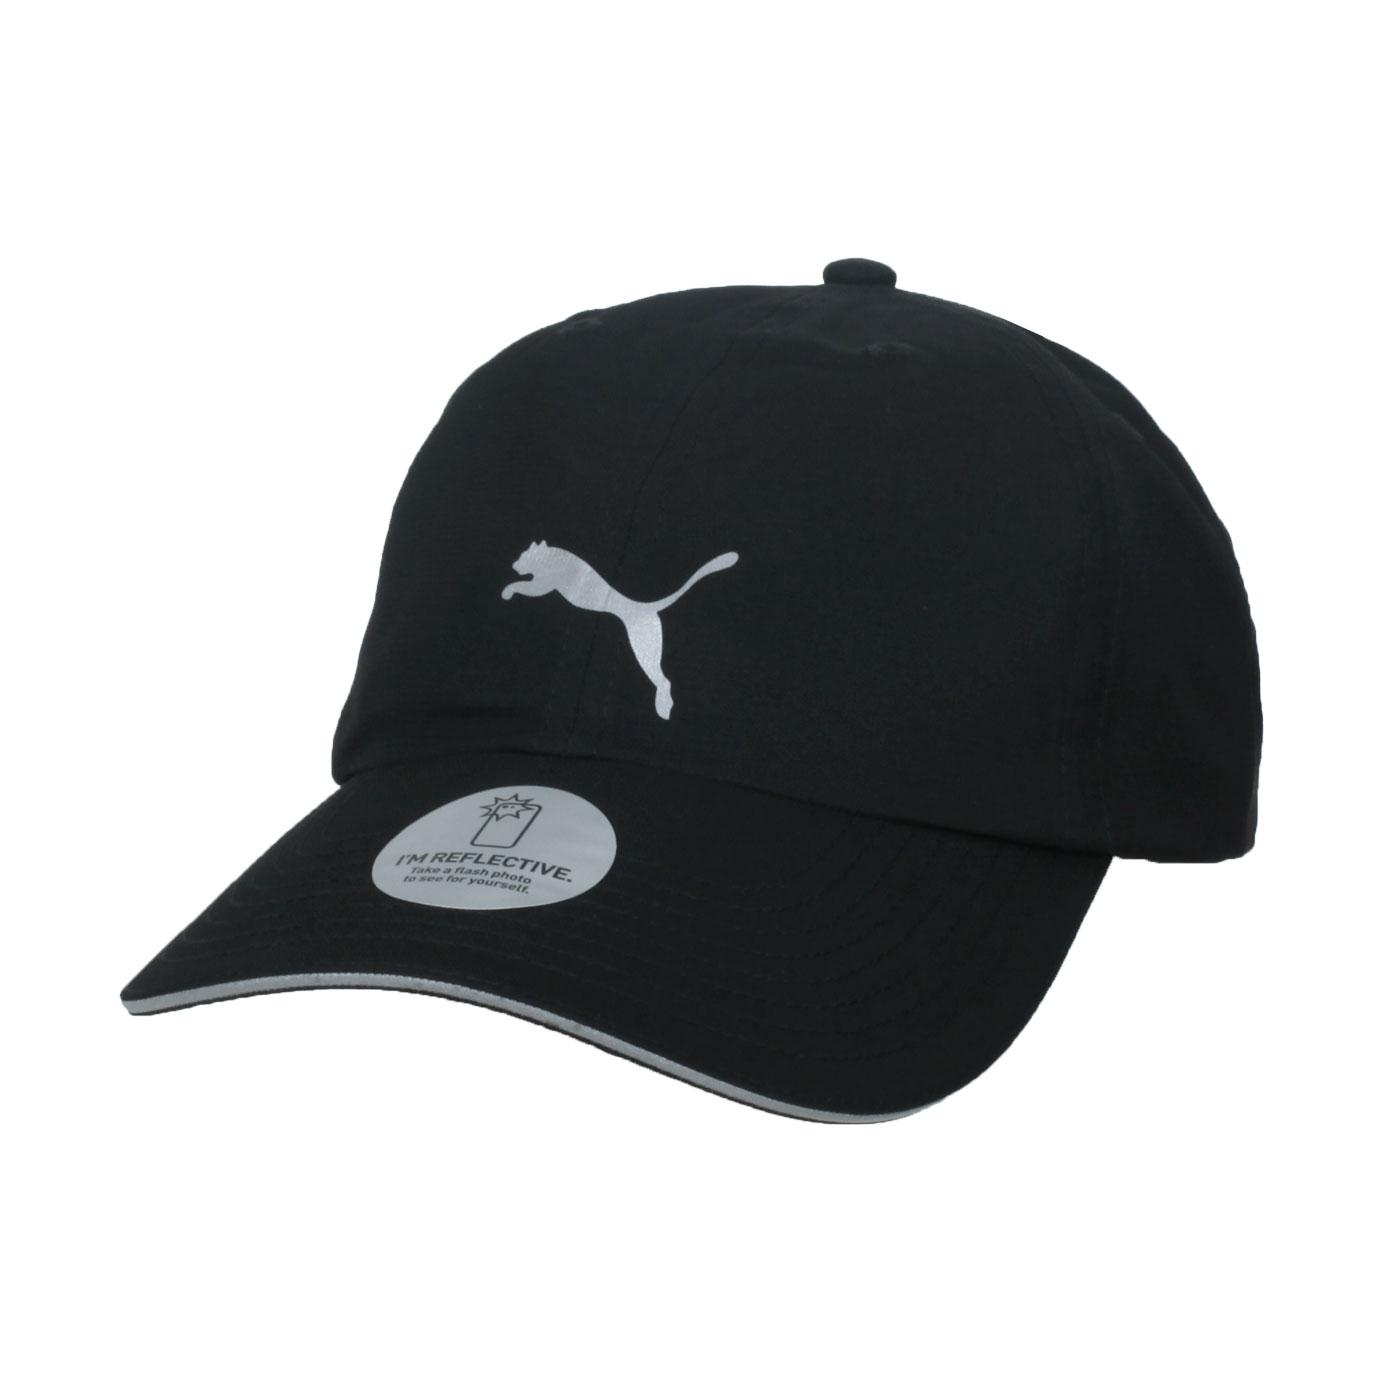 PUMA 慢跑系列棒球帽 05291101 - 黑銀